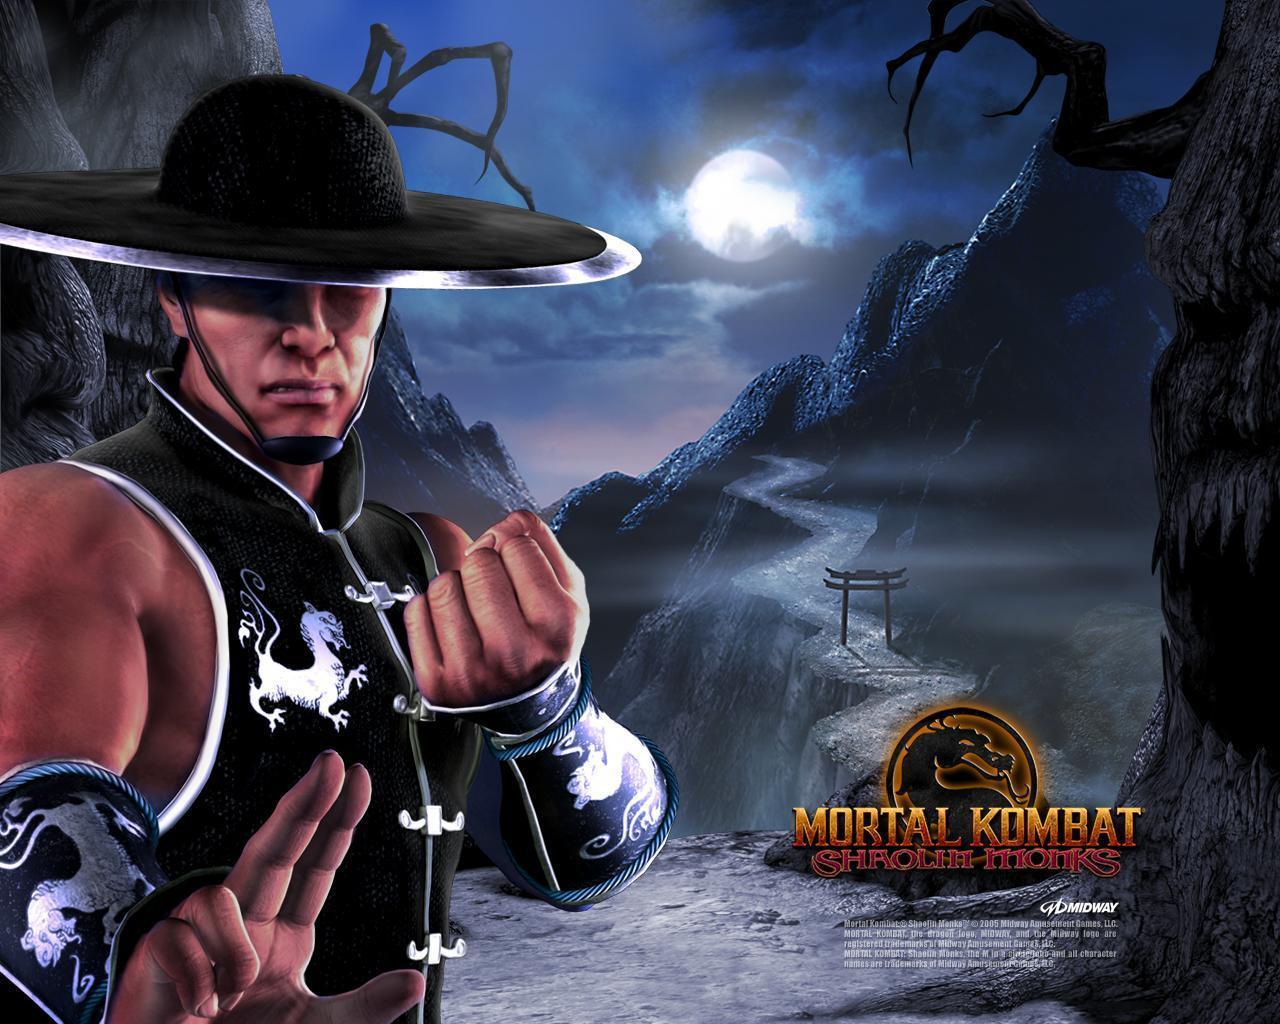 http://1.bp.blogspot.com/-M7bznK5EcO4/TdxrvKSe0AI/AAAAAAAAAlU/HIrACsz0X30/s1600/MK-Shaolin-Monks-mortal-kombat-+Kung+Lao.jpg